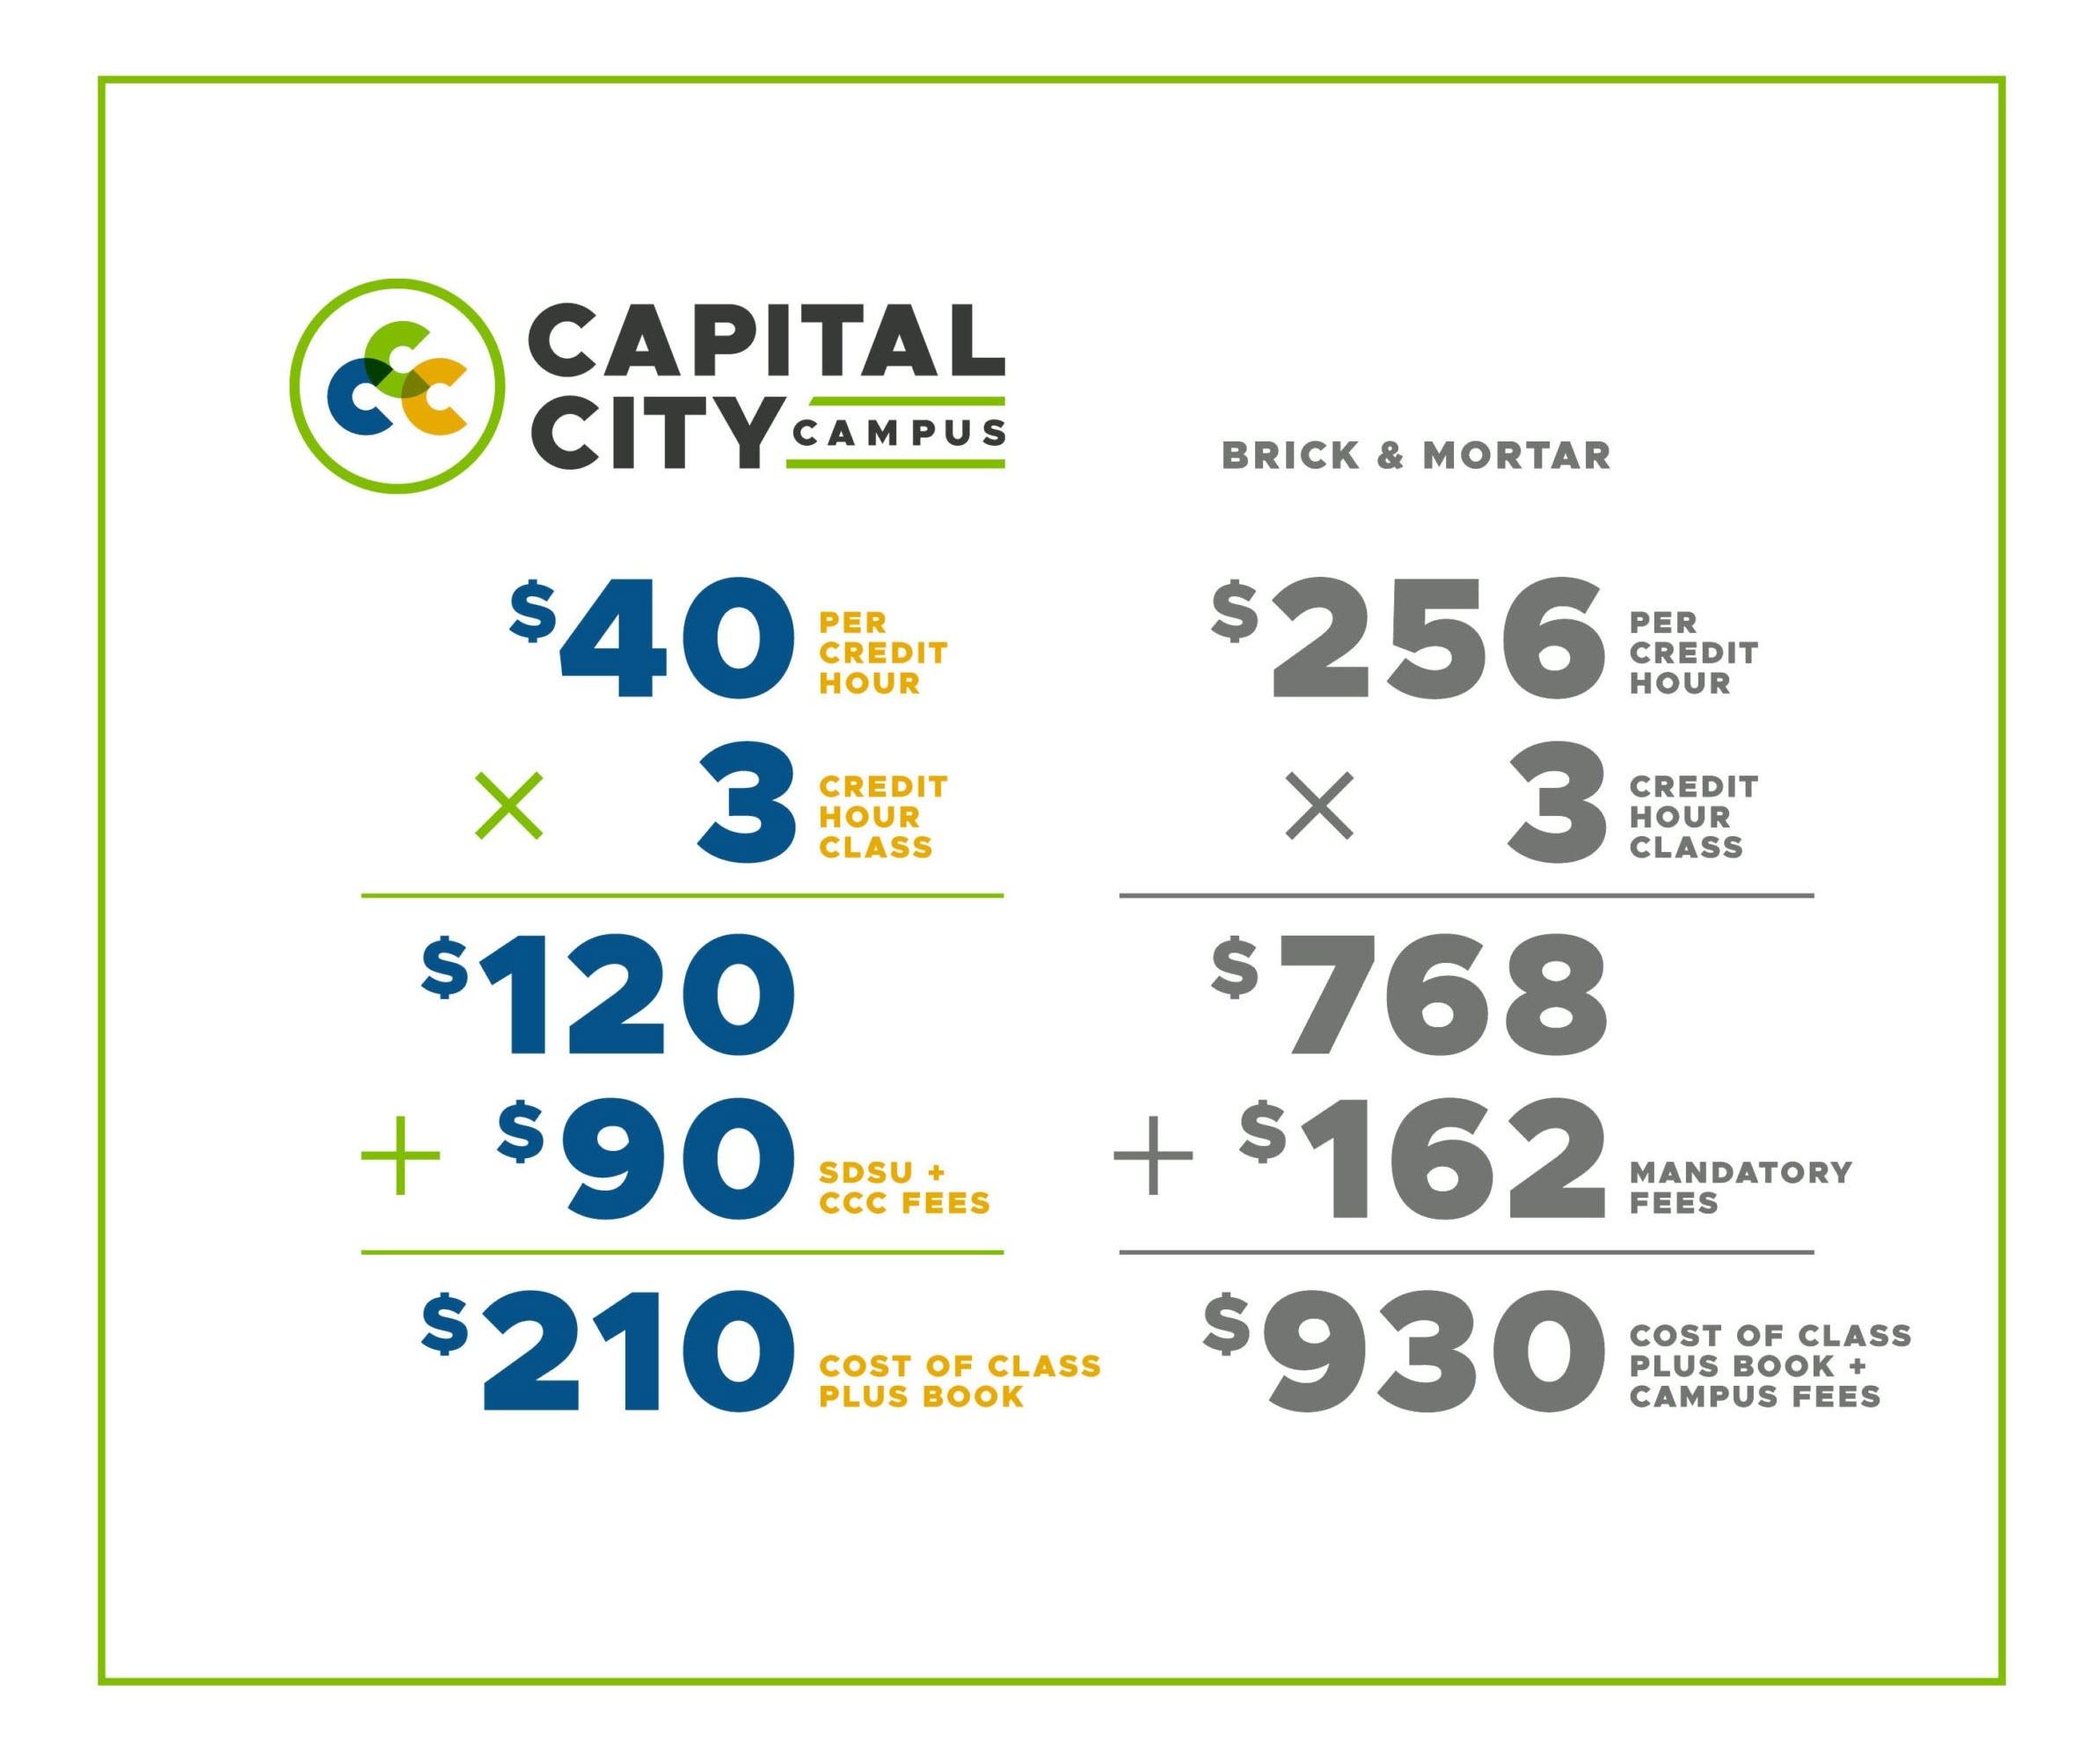 $40 per credit hour at CCC